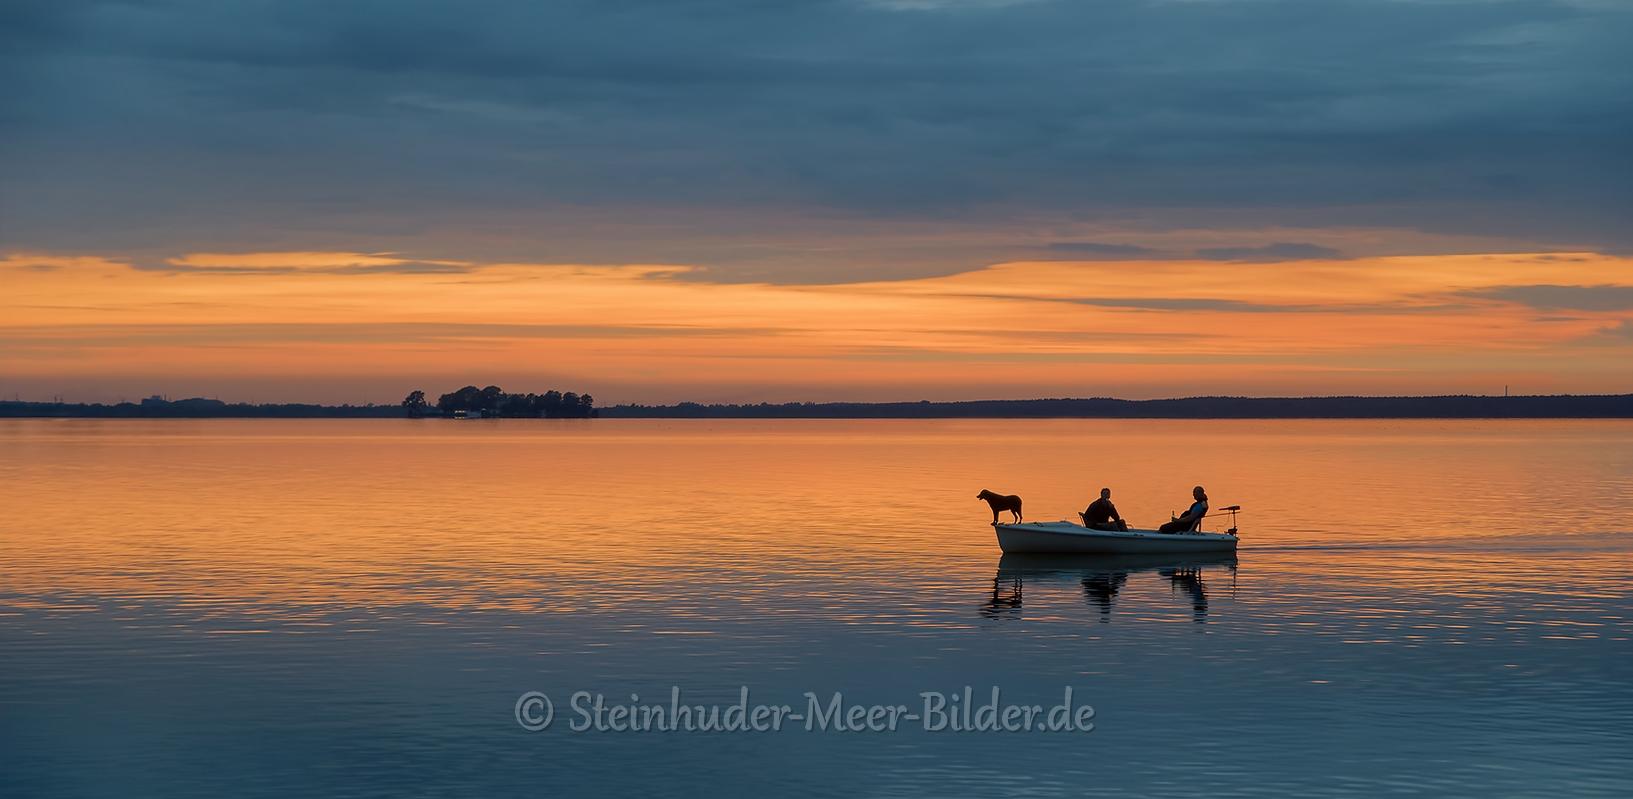 Abendrot-Sonnenuntergang-Abendhimmel-Daemmerung-Abendstimmung-Abendlicht-Steinhuder Meer-C_SAM_0943b